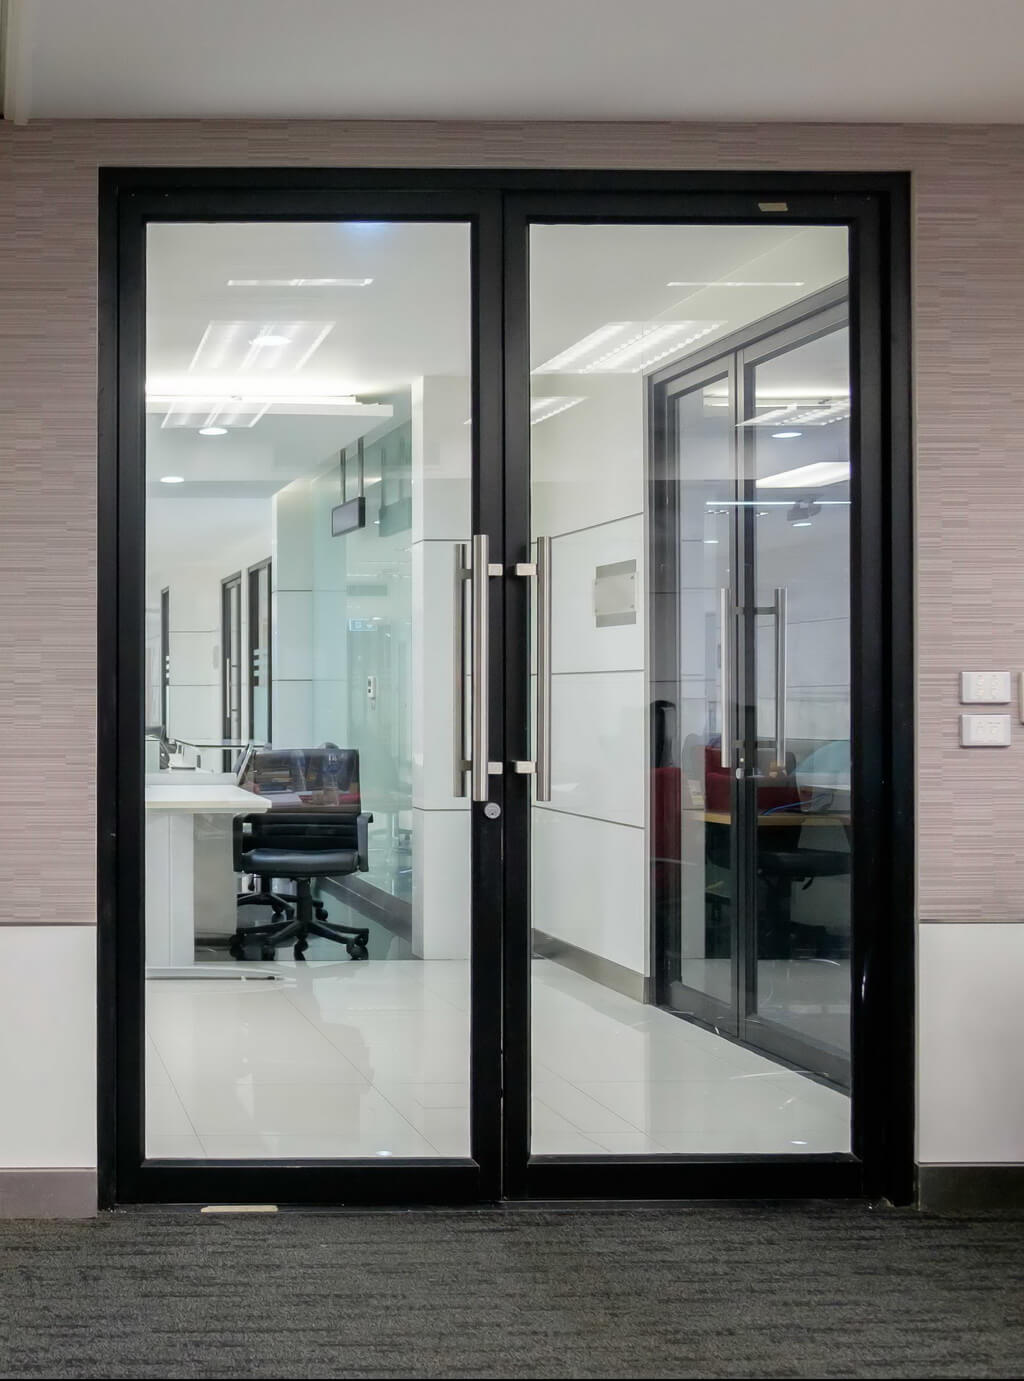 Якісні віконно-дверні конструкції від компанії EKIPAZH для дилерів